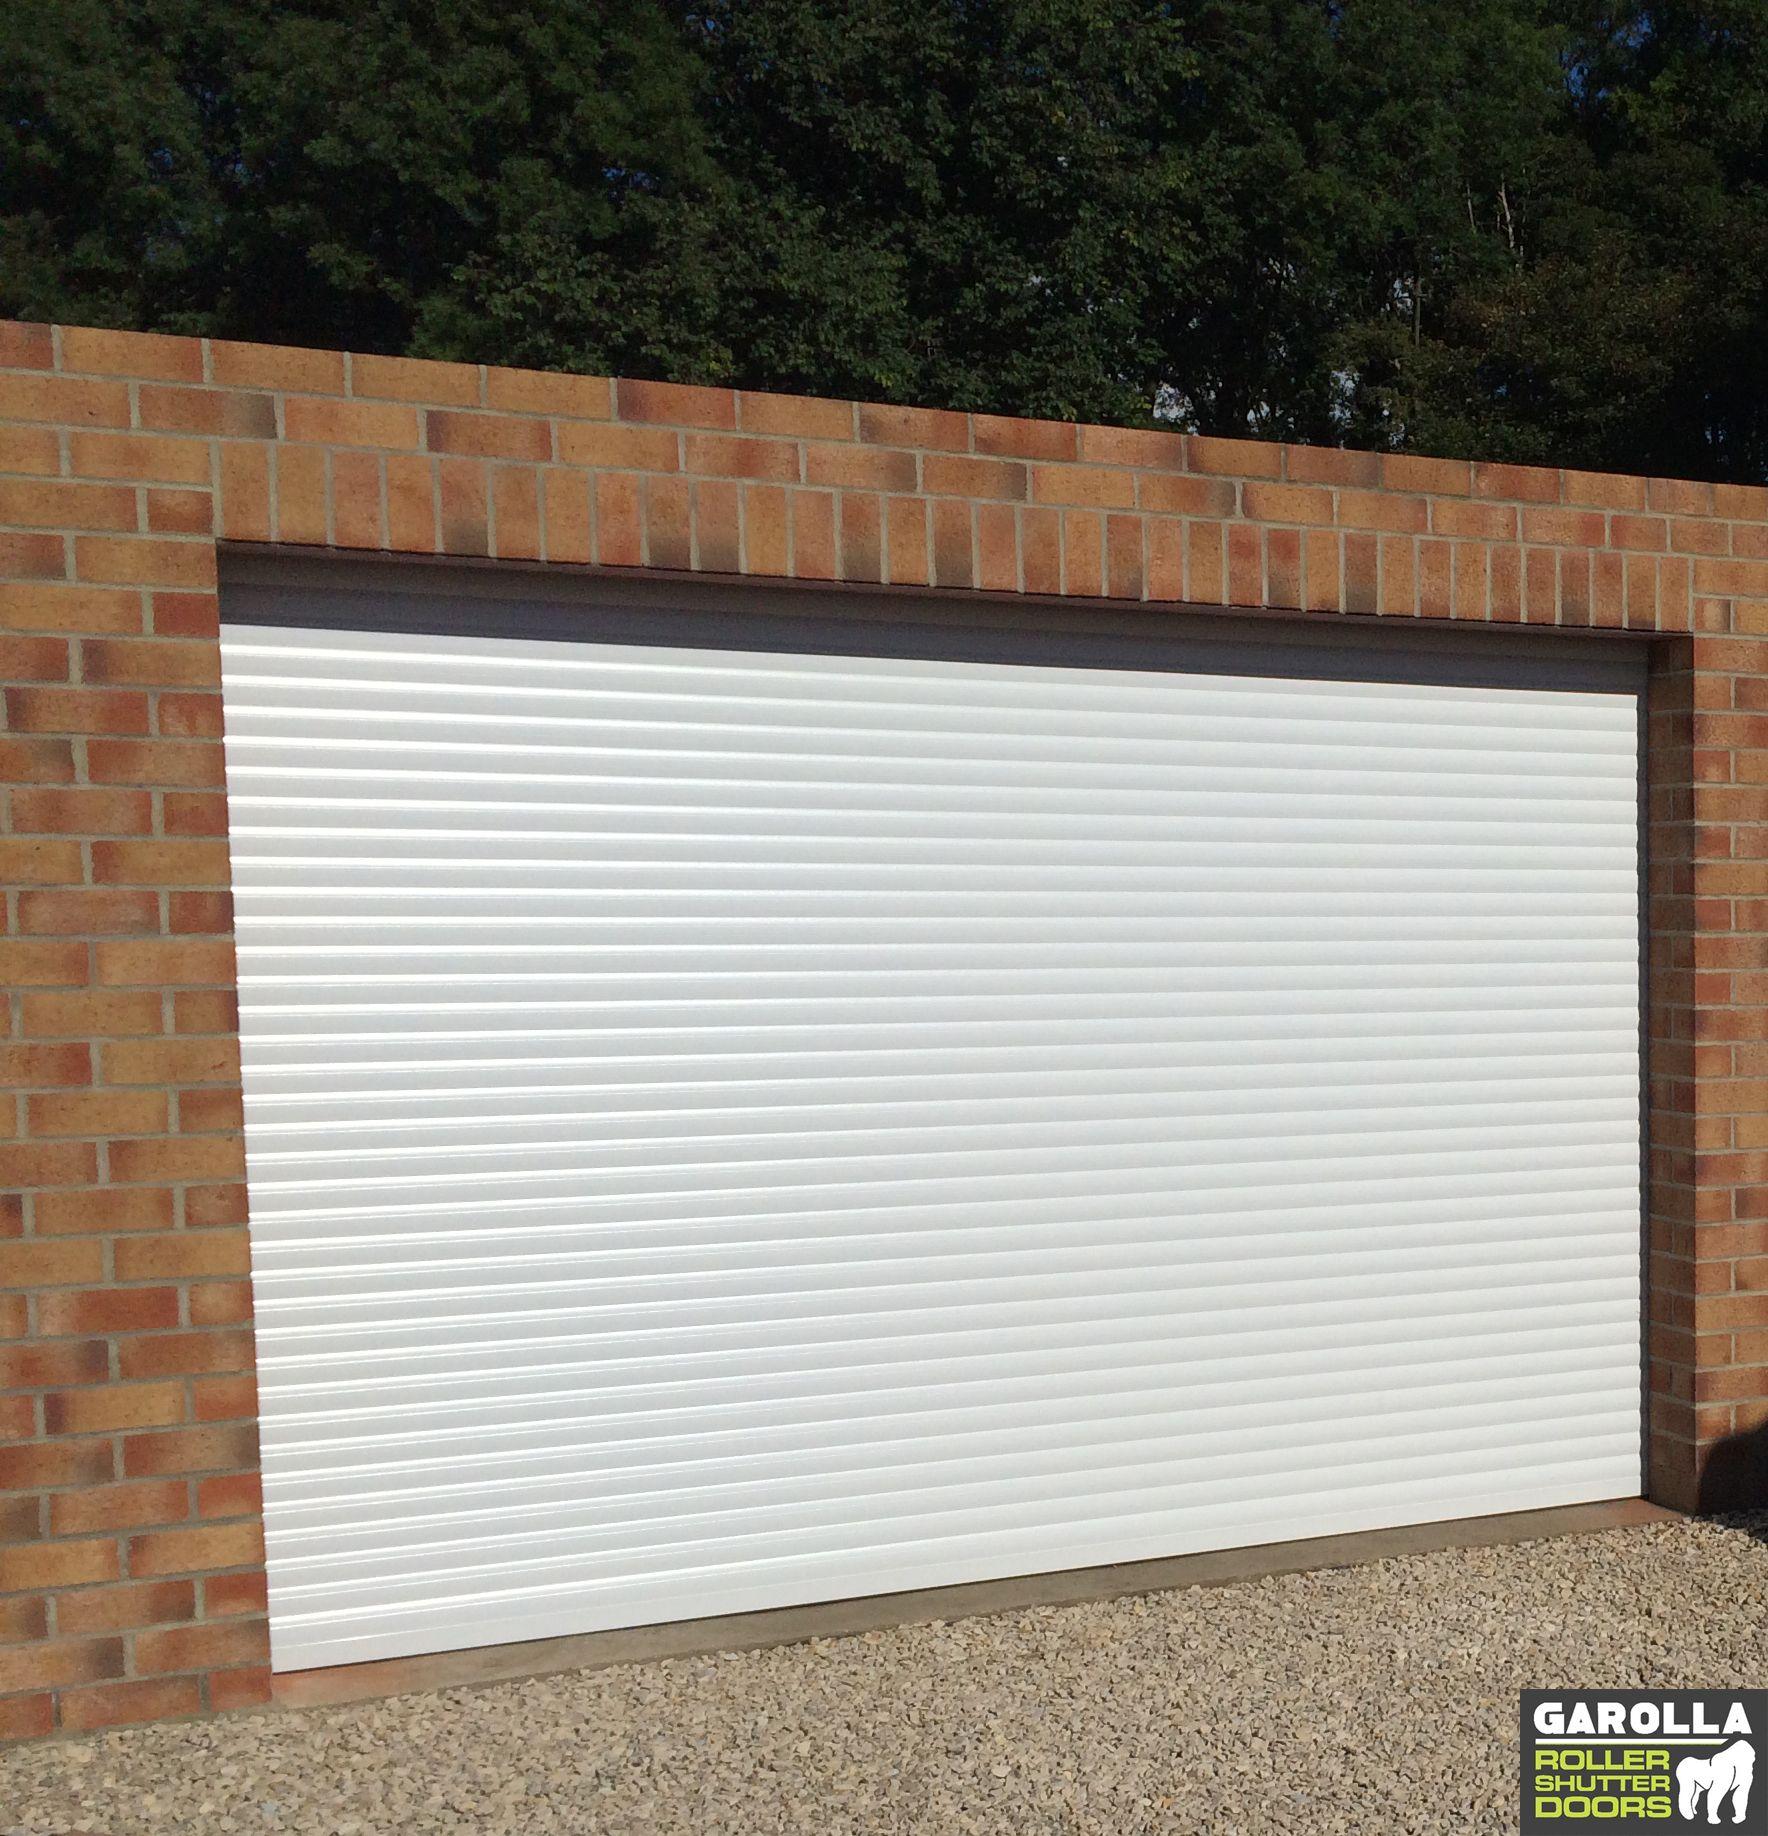 Roller Shutter Garage Door In White Garage Doors Garage Doors Prices Doors